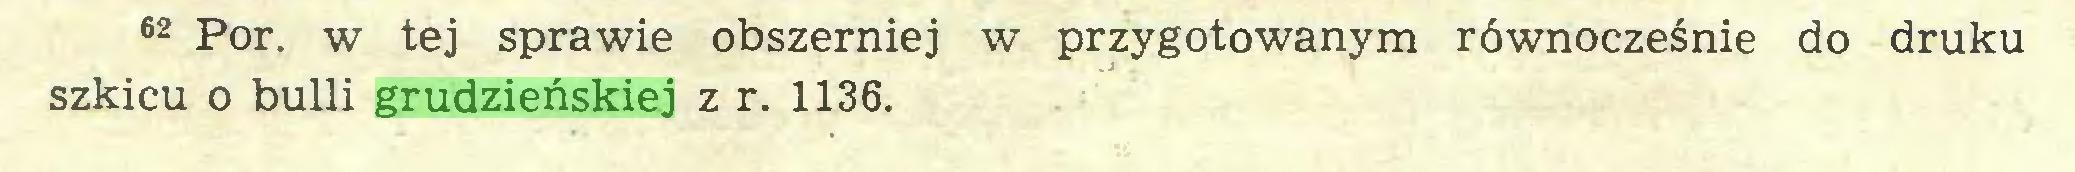 (...) 62 Por. w tej sprawie obszerniej w przygotowanym równocześnie do druku szkicu o bulli grudzieńskiej z r. 1136...